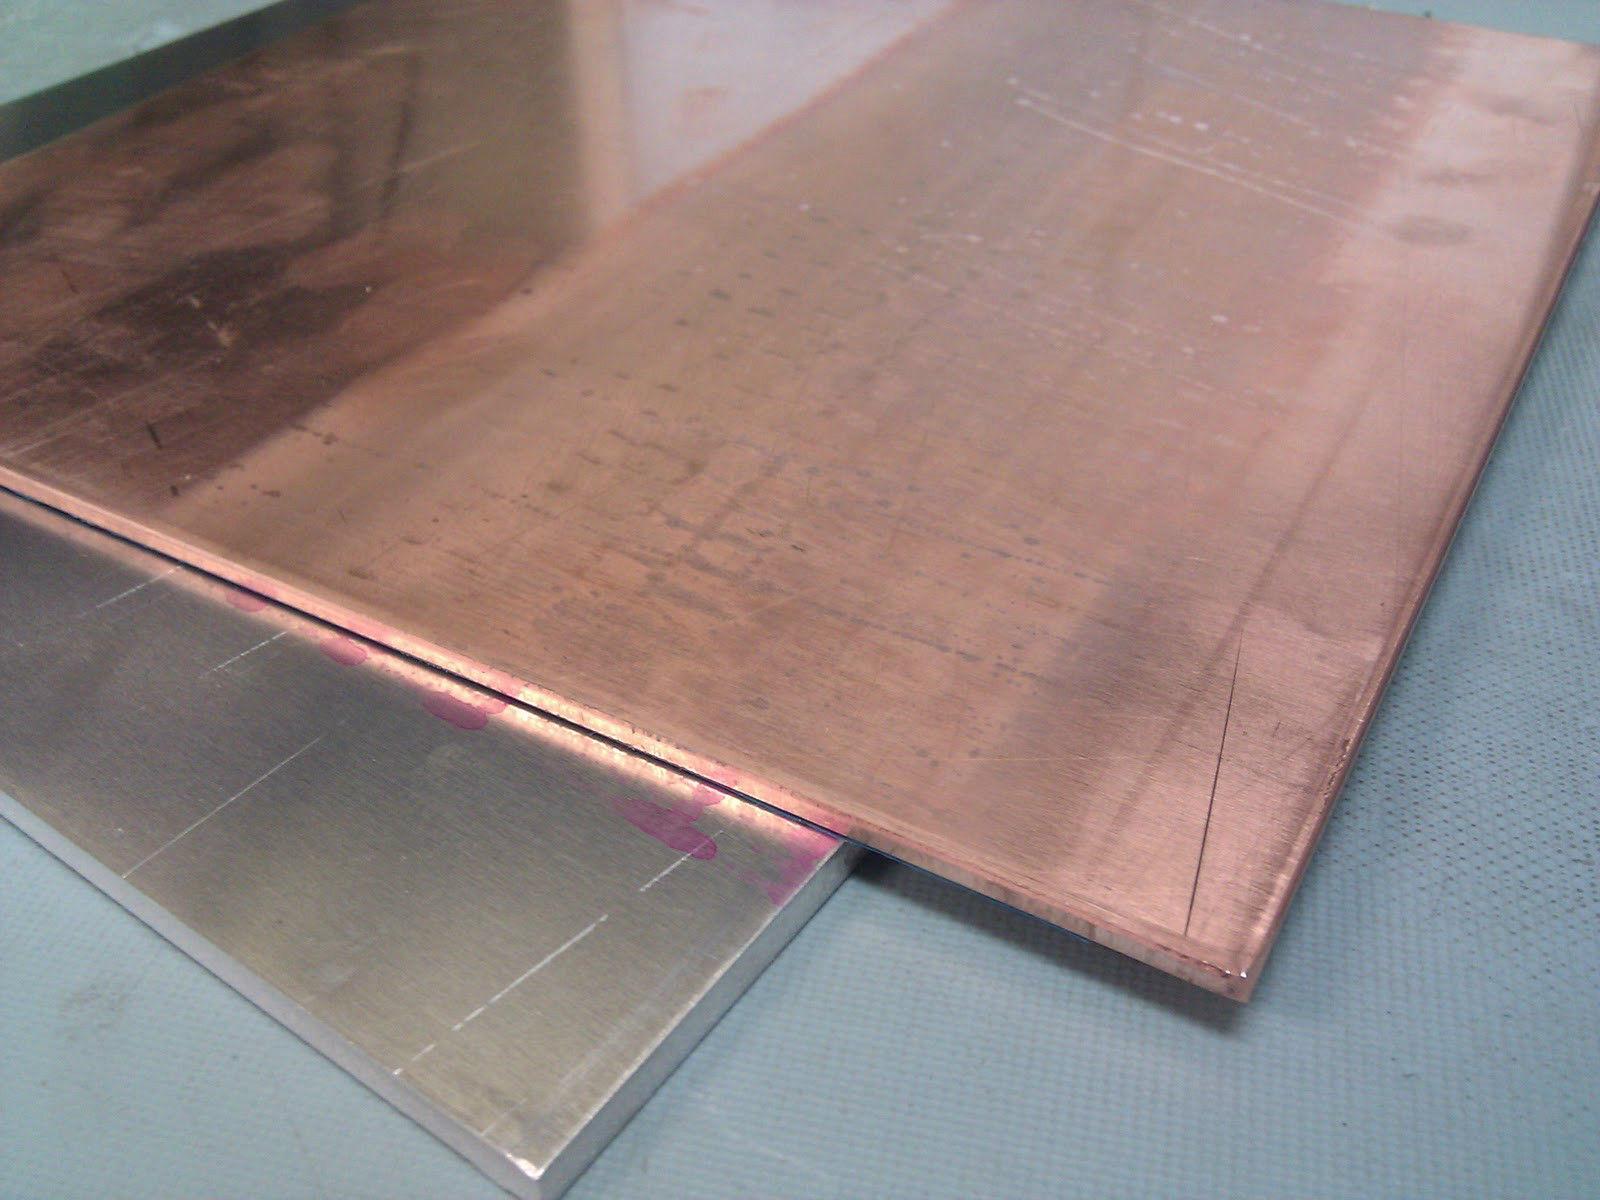 1pcs  Brass Metal Sheet Plate 0.8mm x 200mm x 200mm #E3D22  GY